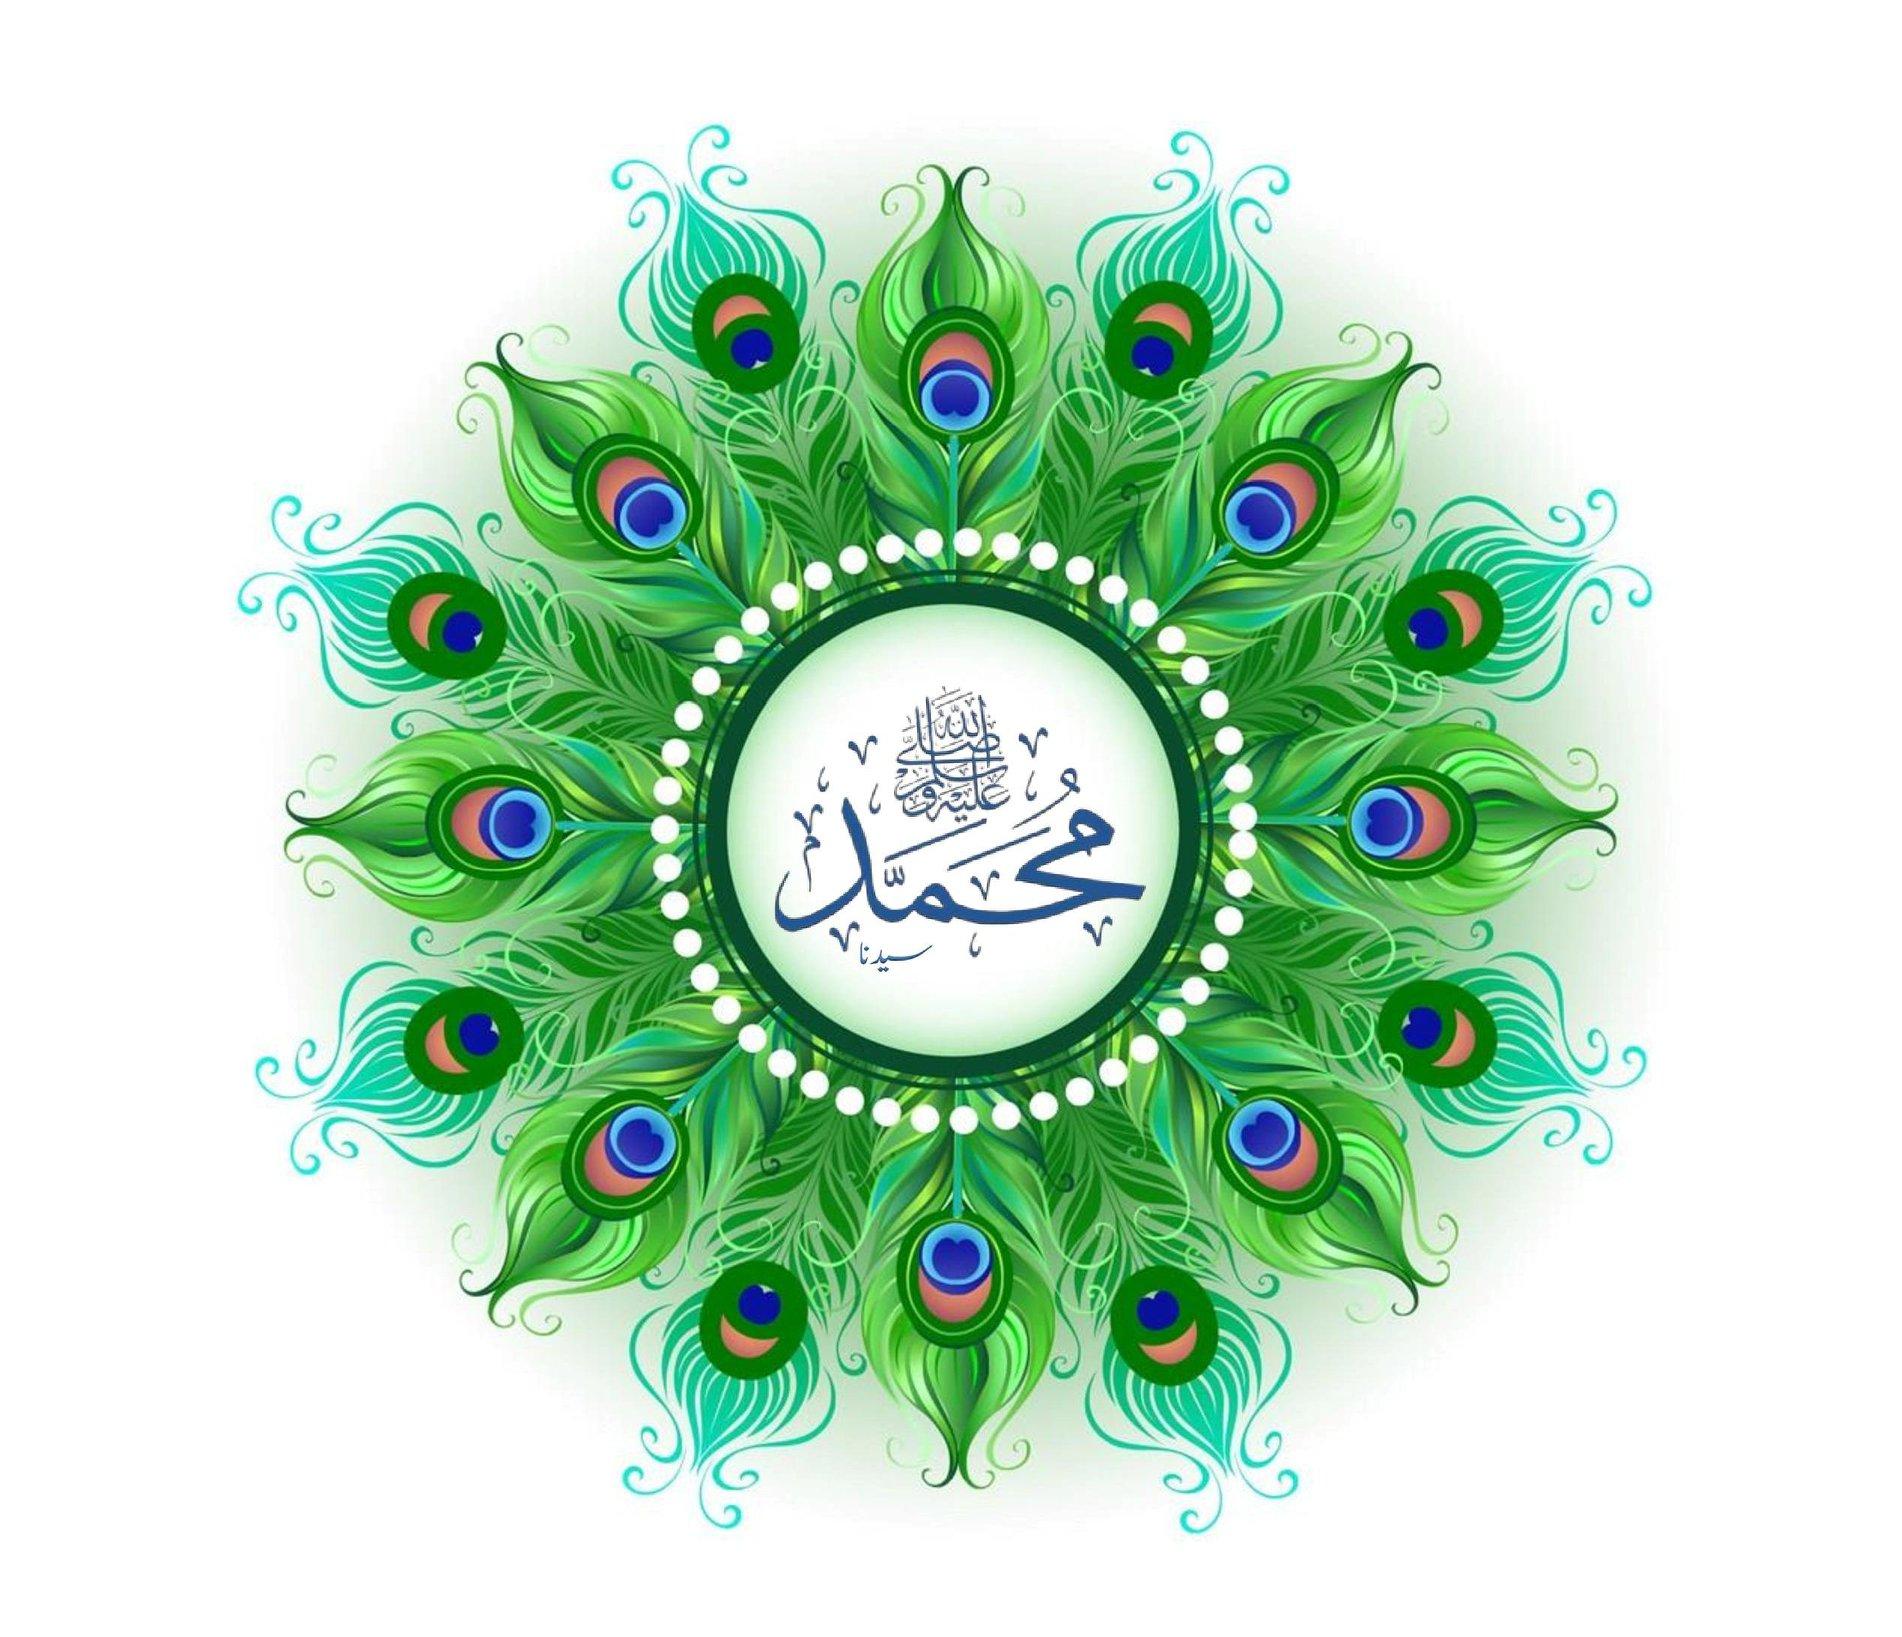 پرندے اولیاء اللہ کی علامت ہیں– وہ ان کی نمائندگی بھی کرسکتے ہیں اور (اولیاءاکرا...